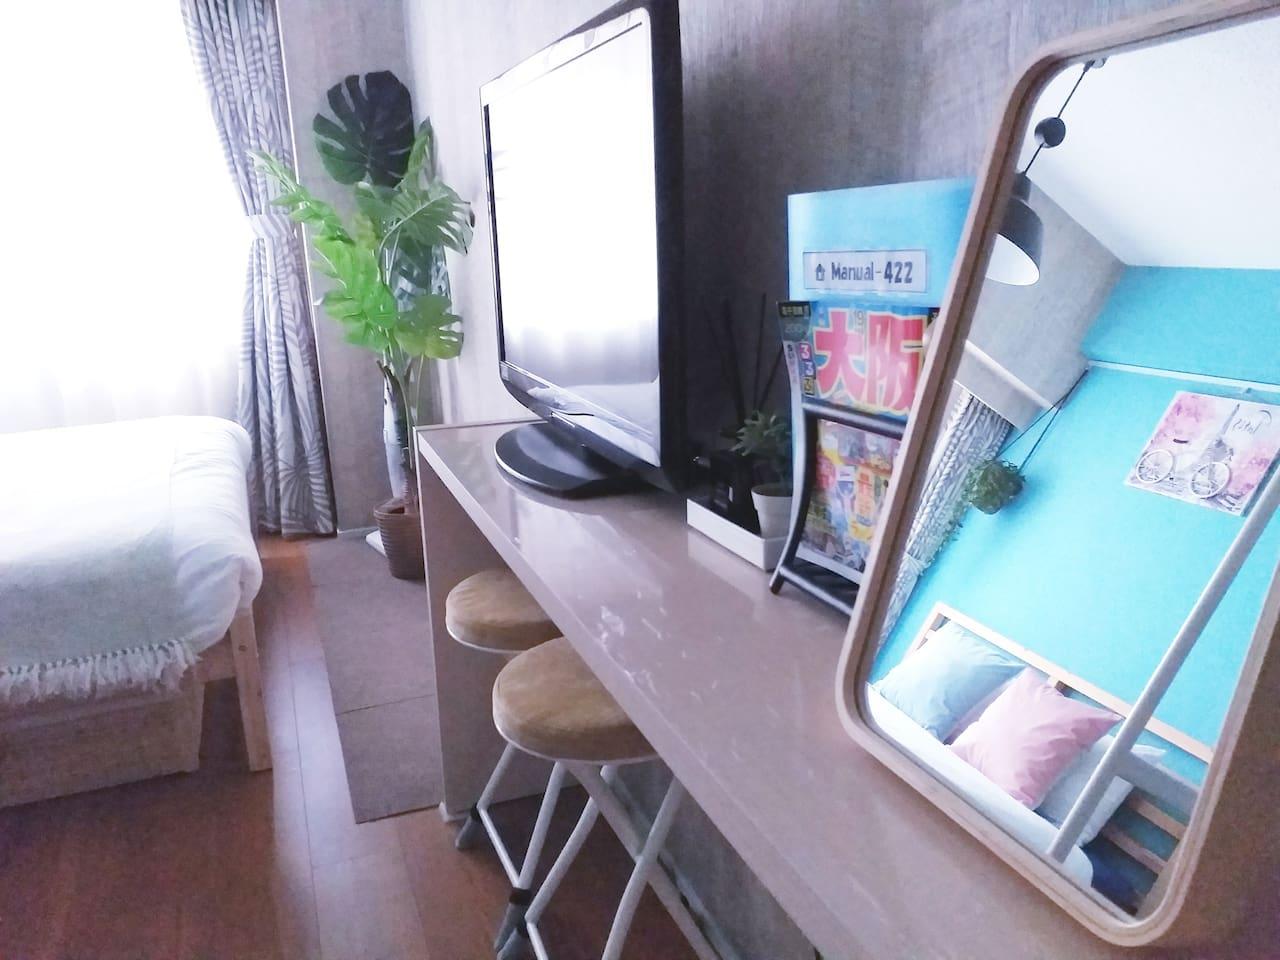 ★1-min walk from Shin-Osaka Station/Free Wi-Fi★